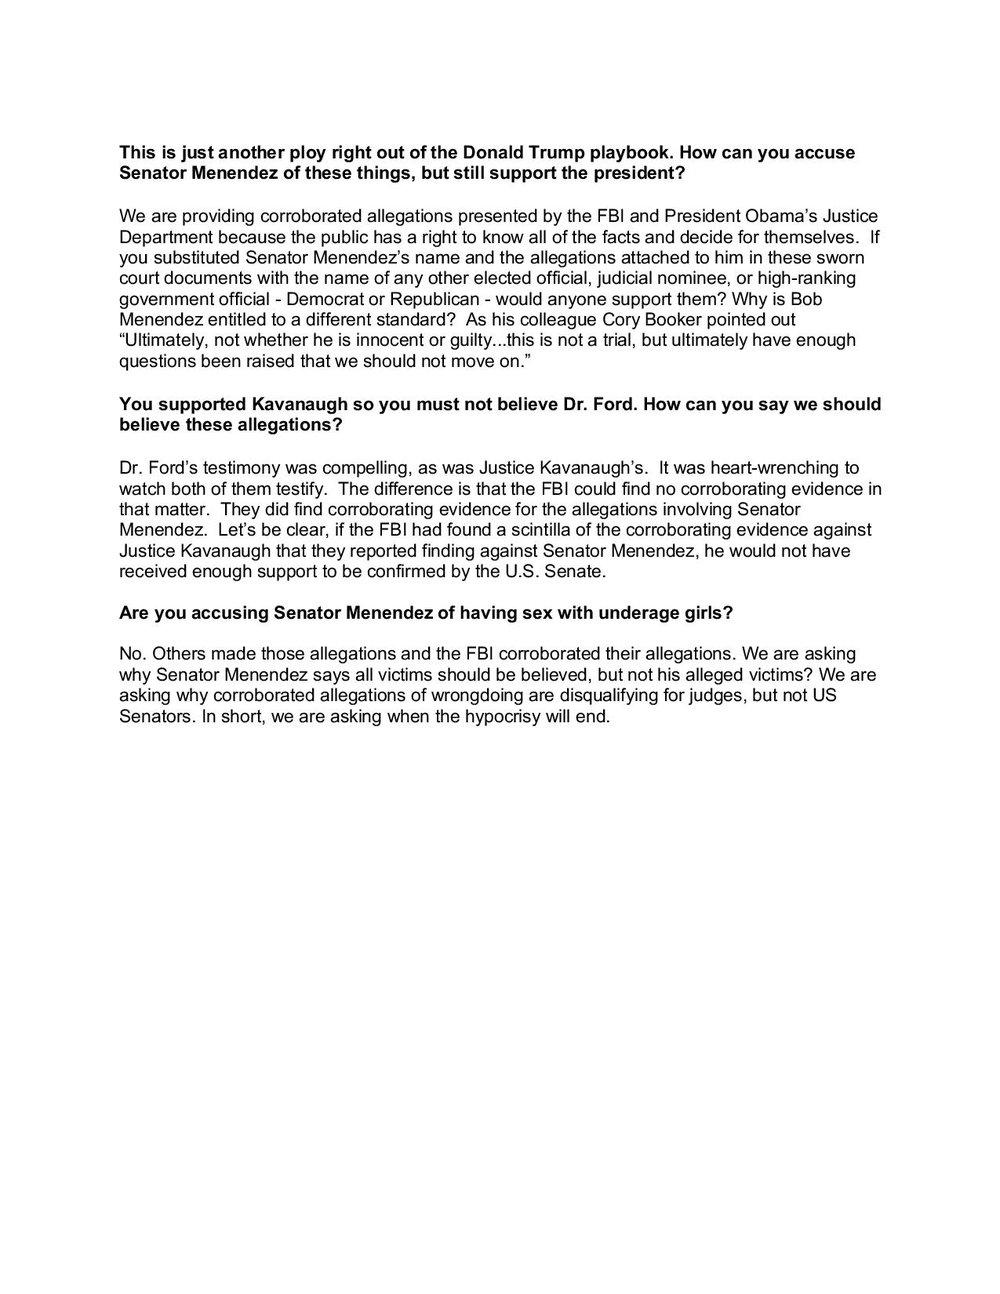 FINAL - Q&A FBI Menendez-page-004.jpg